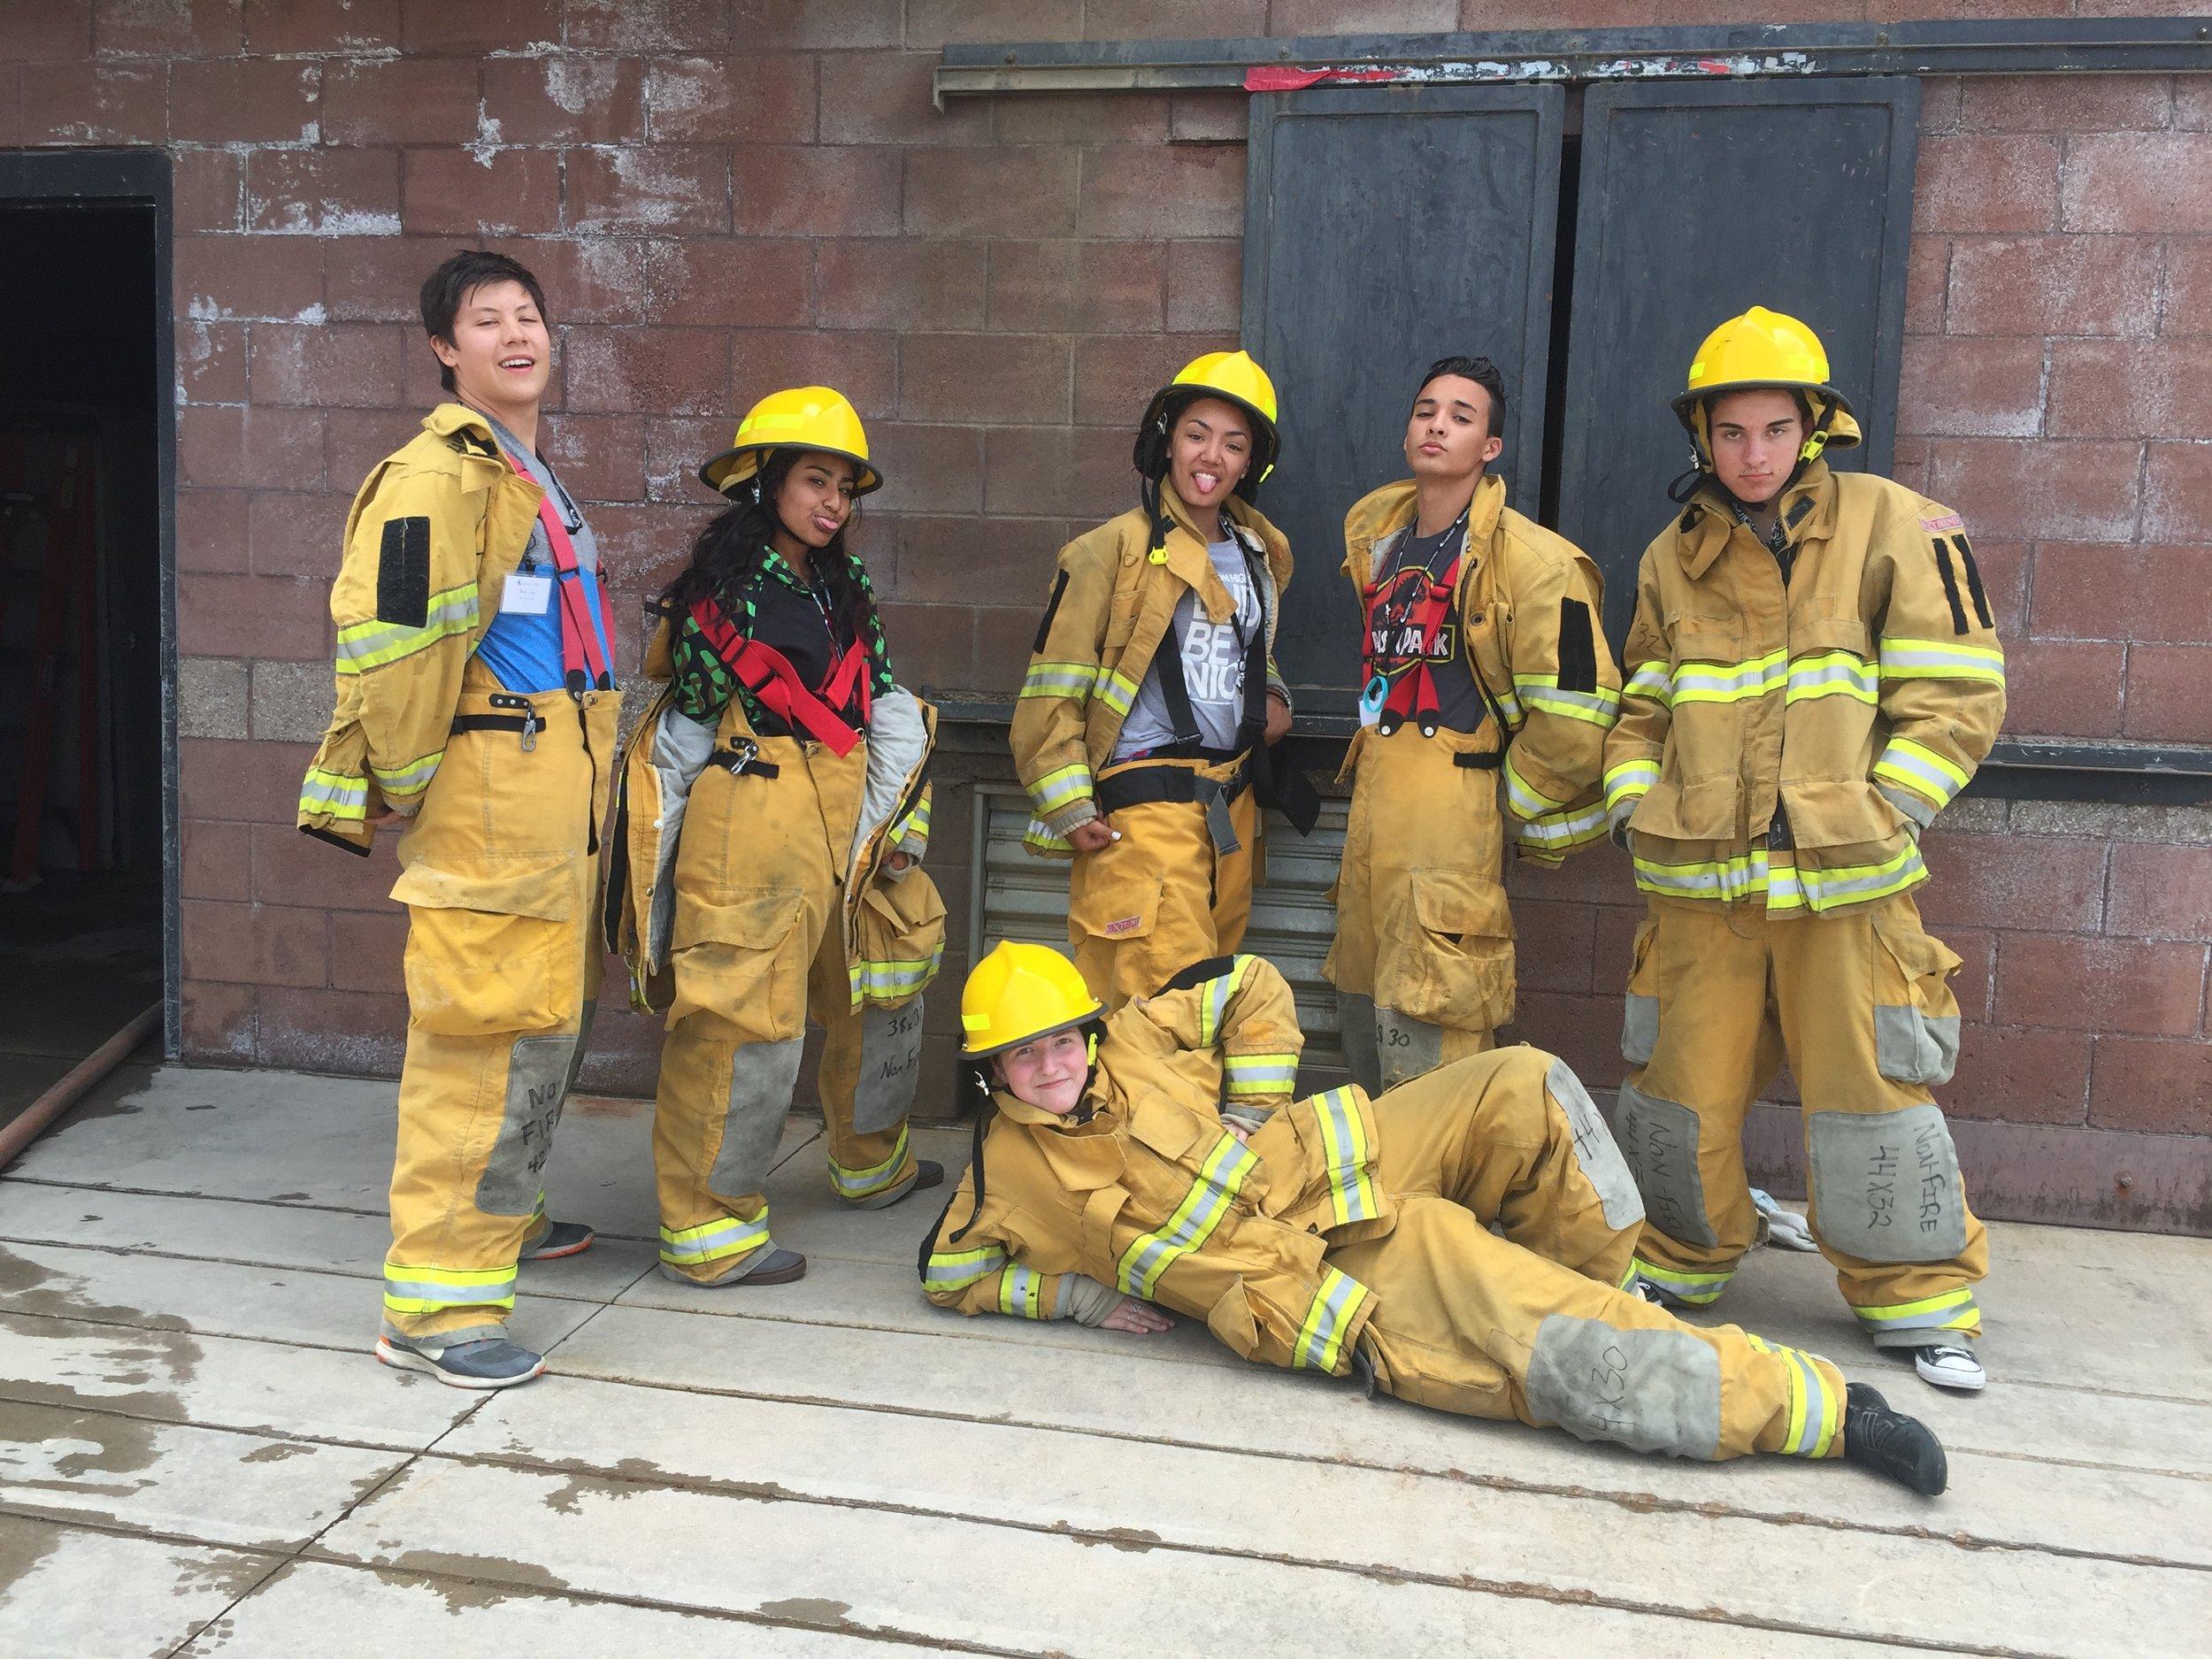 firefighter calendar.JPG